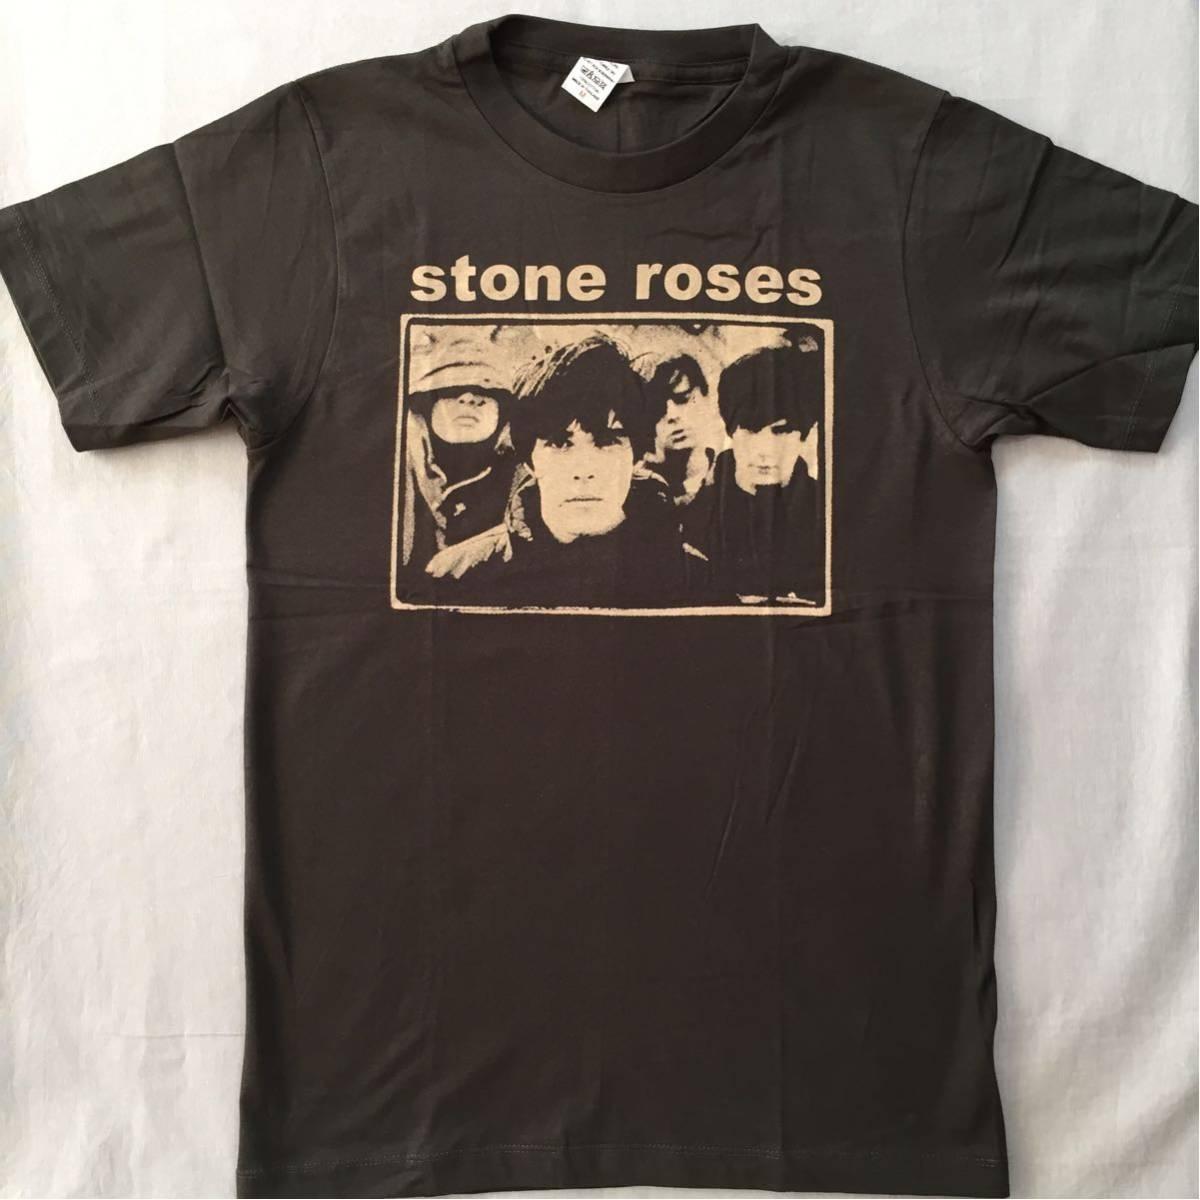 バンドTシャツ ストーン ローゼズ(STONE ROSES) 新品 M